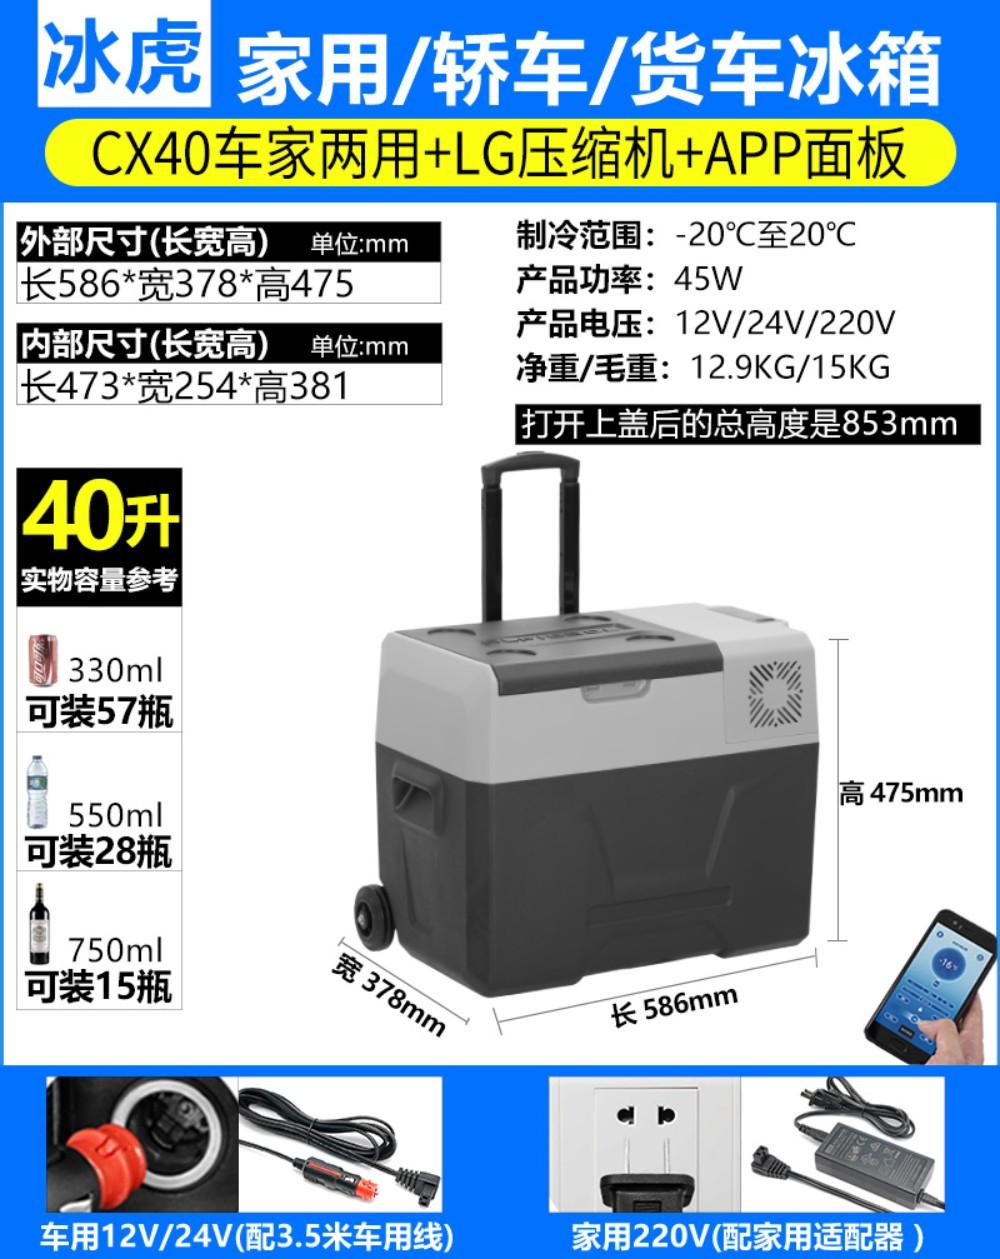 알피쿨 alpicool Cartour 차량용 캠핑 냉장고 CX시리즈 차박필수템, CX40L (수입 LG 컴프레서) 자동차 및 가정용 겸용 + APP